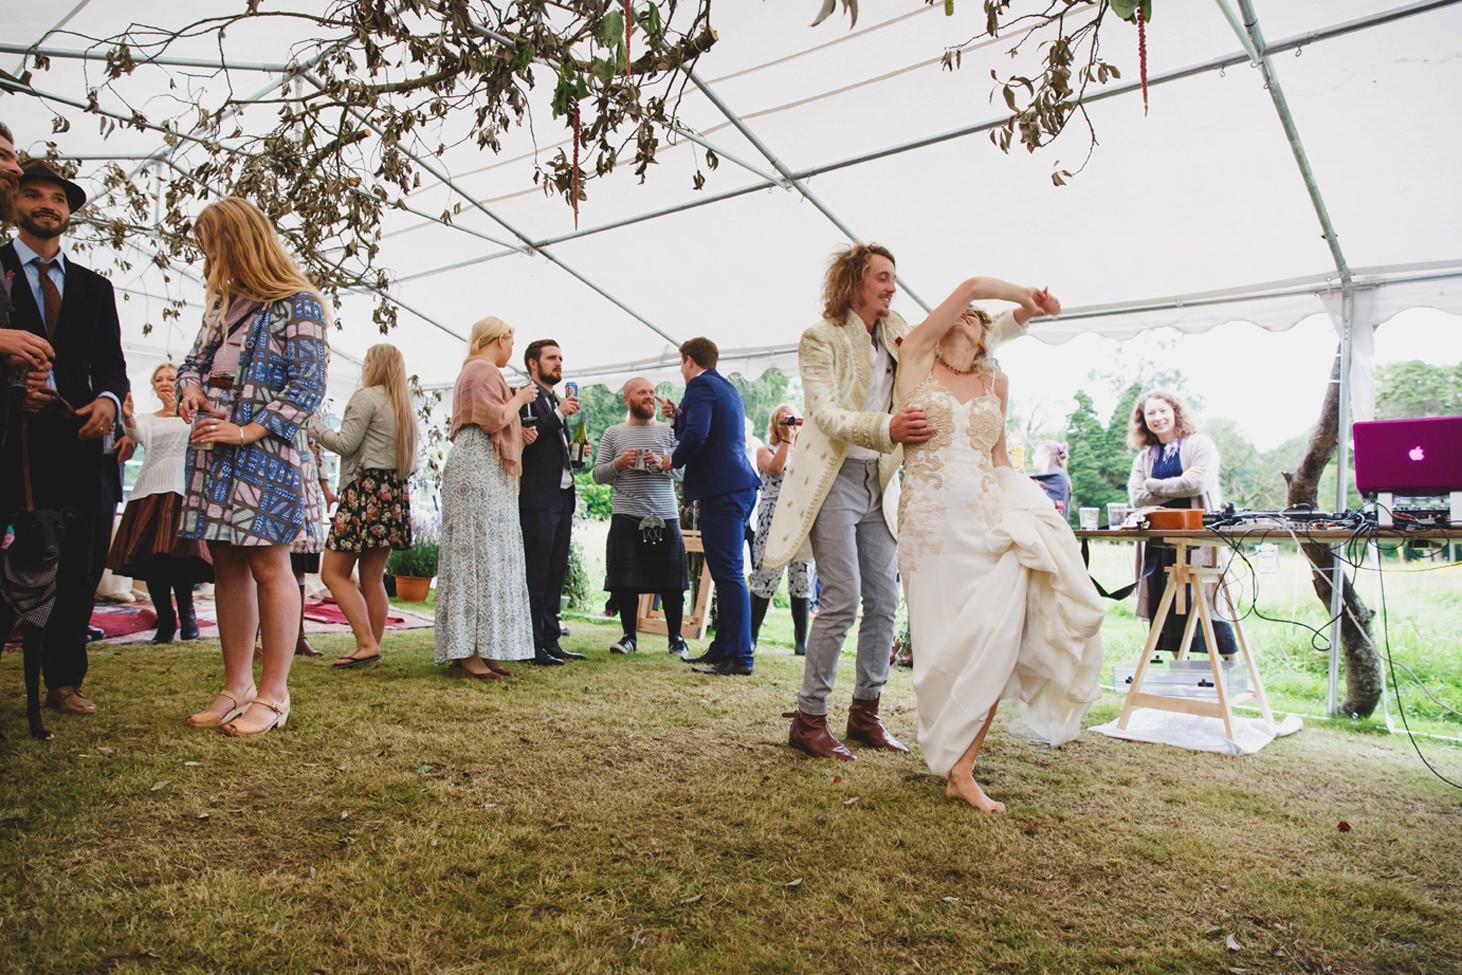 mount stuart wedding photography groom and bride dance